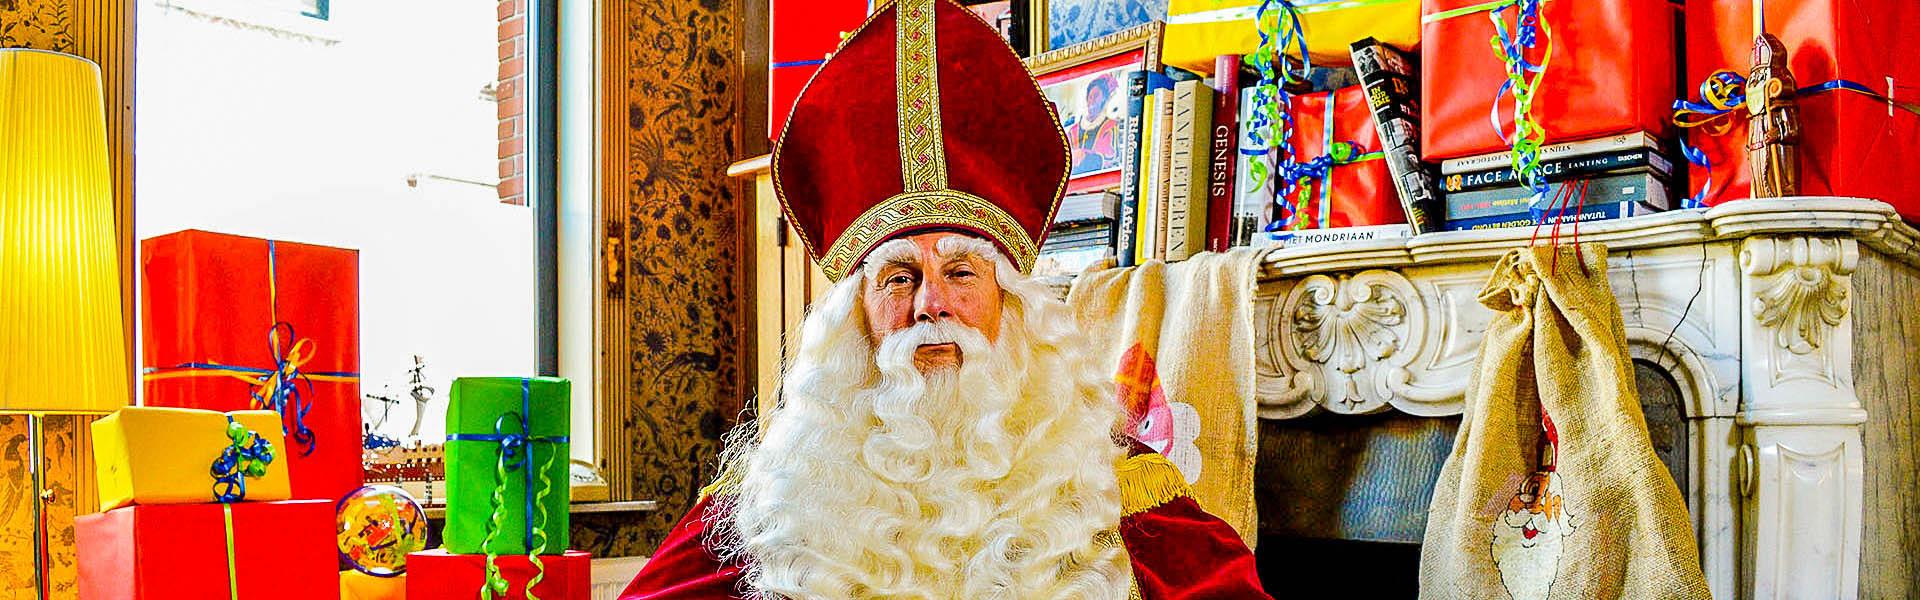 Sinterklaasnieuws 6